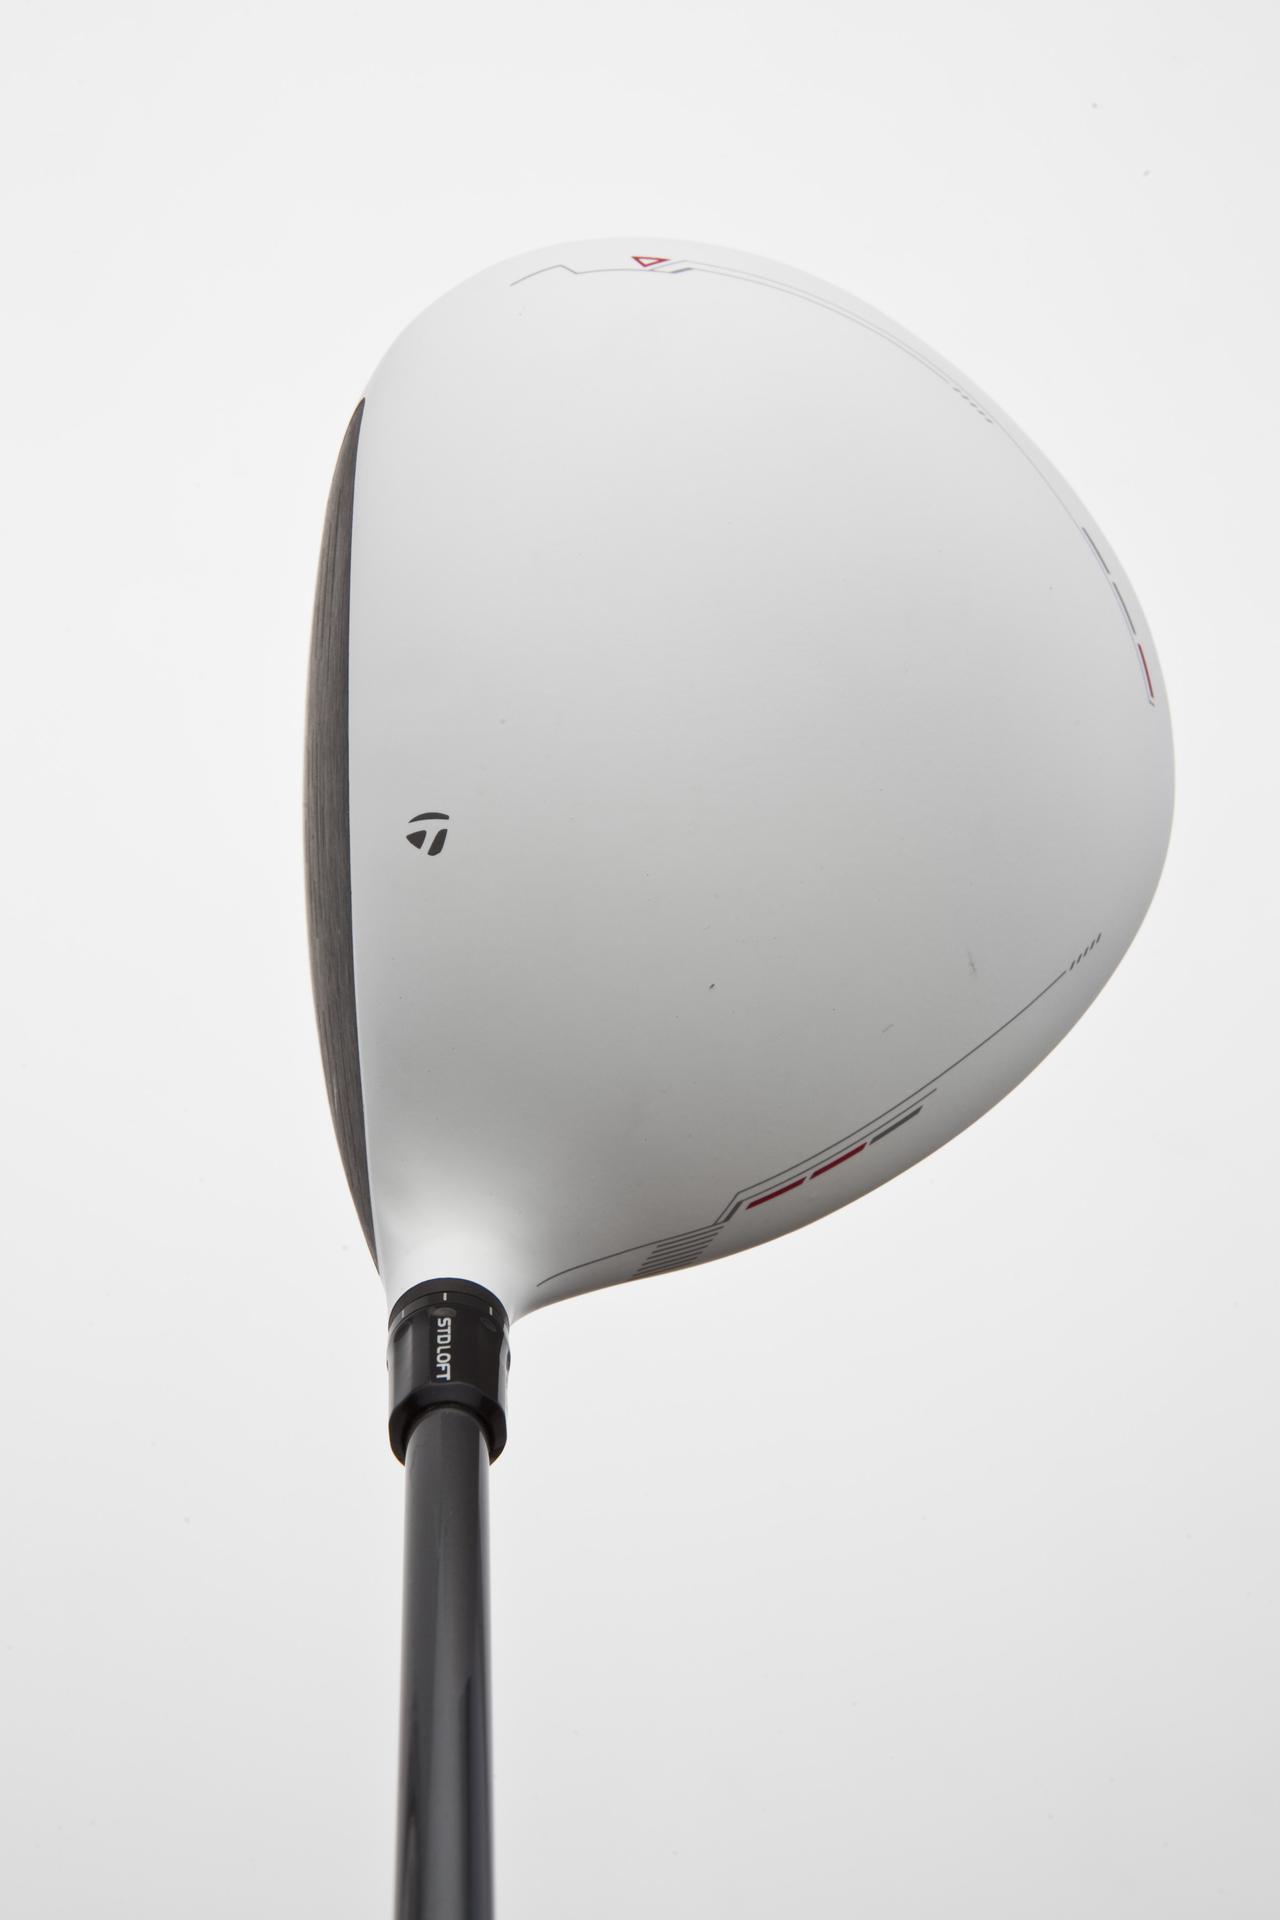 画像: テーラーメイド・R11 誇張色「白」が特徴。440ccながら、安心感を与えてくれる。